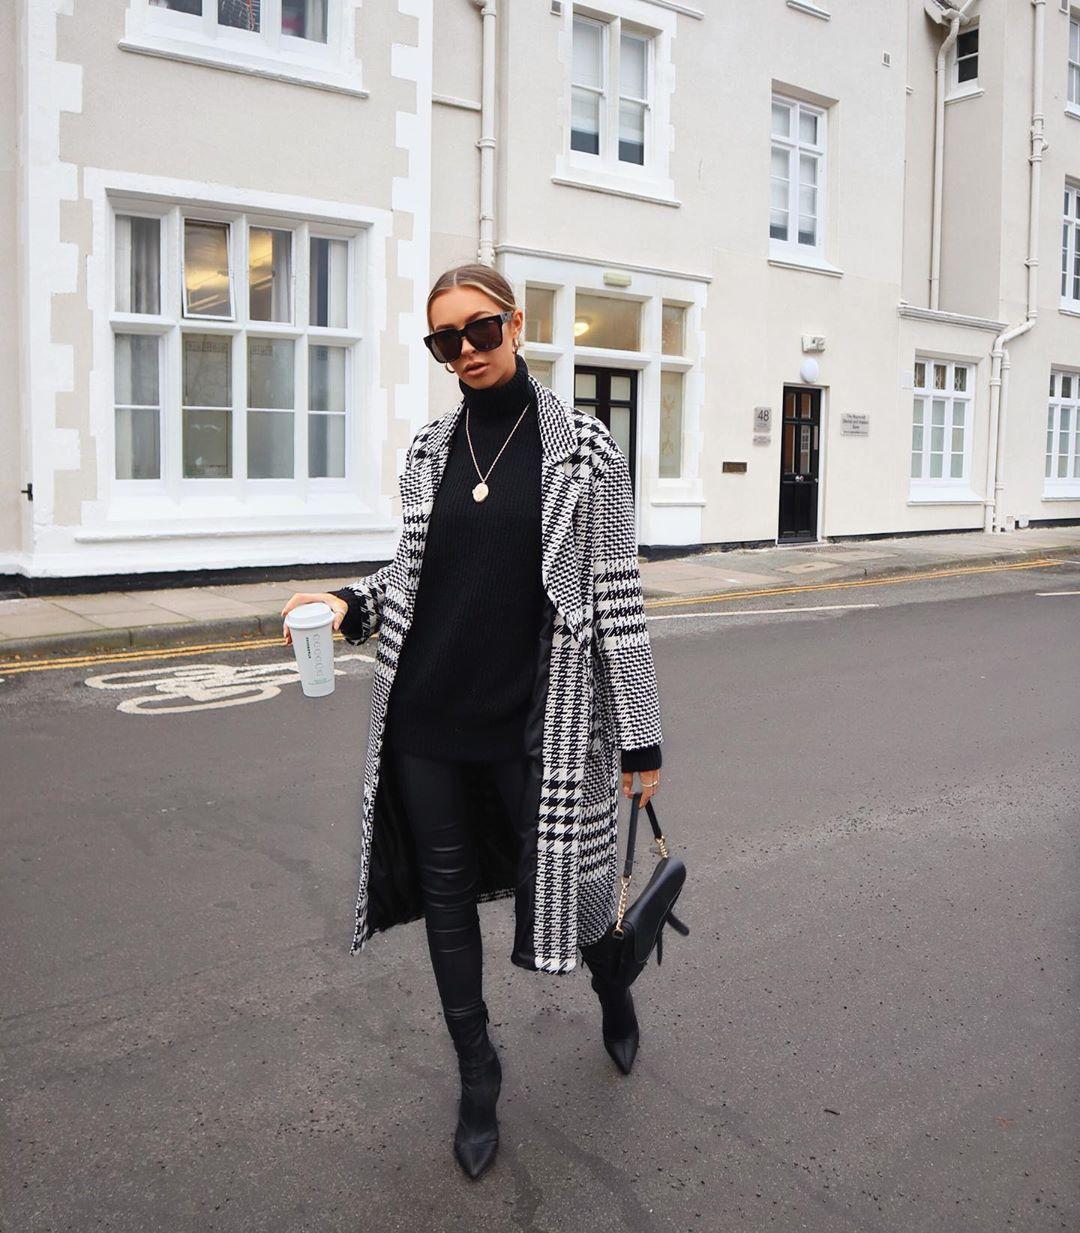 houndstooth print coat de Zara sur alexxcoll